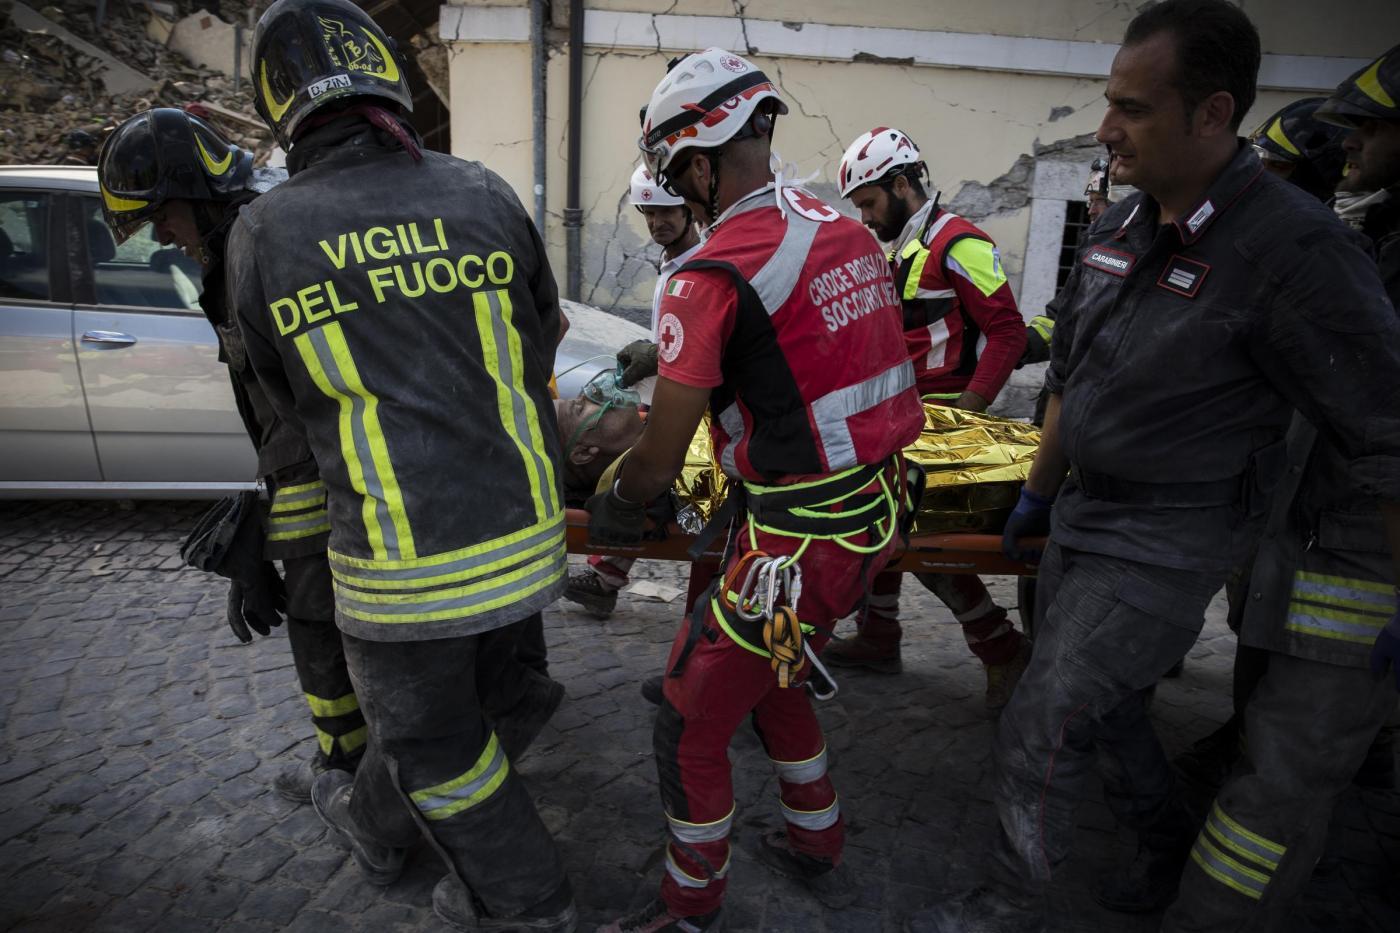 Terremoto-Centro-Italia-devastato-dal-sisma-il-giorno-dopo-13.jpg (1400×933)